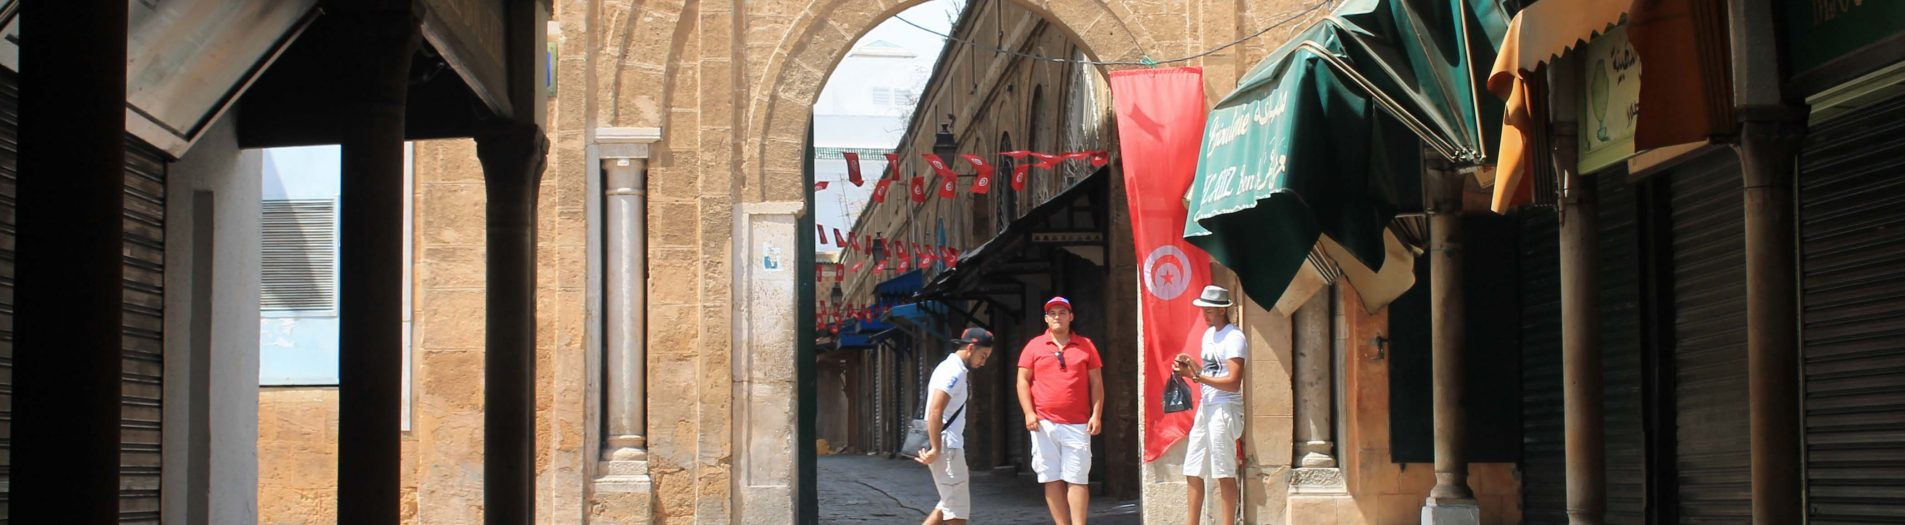 سوق الباي بمدينة تونس